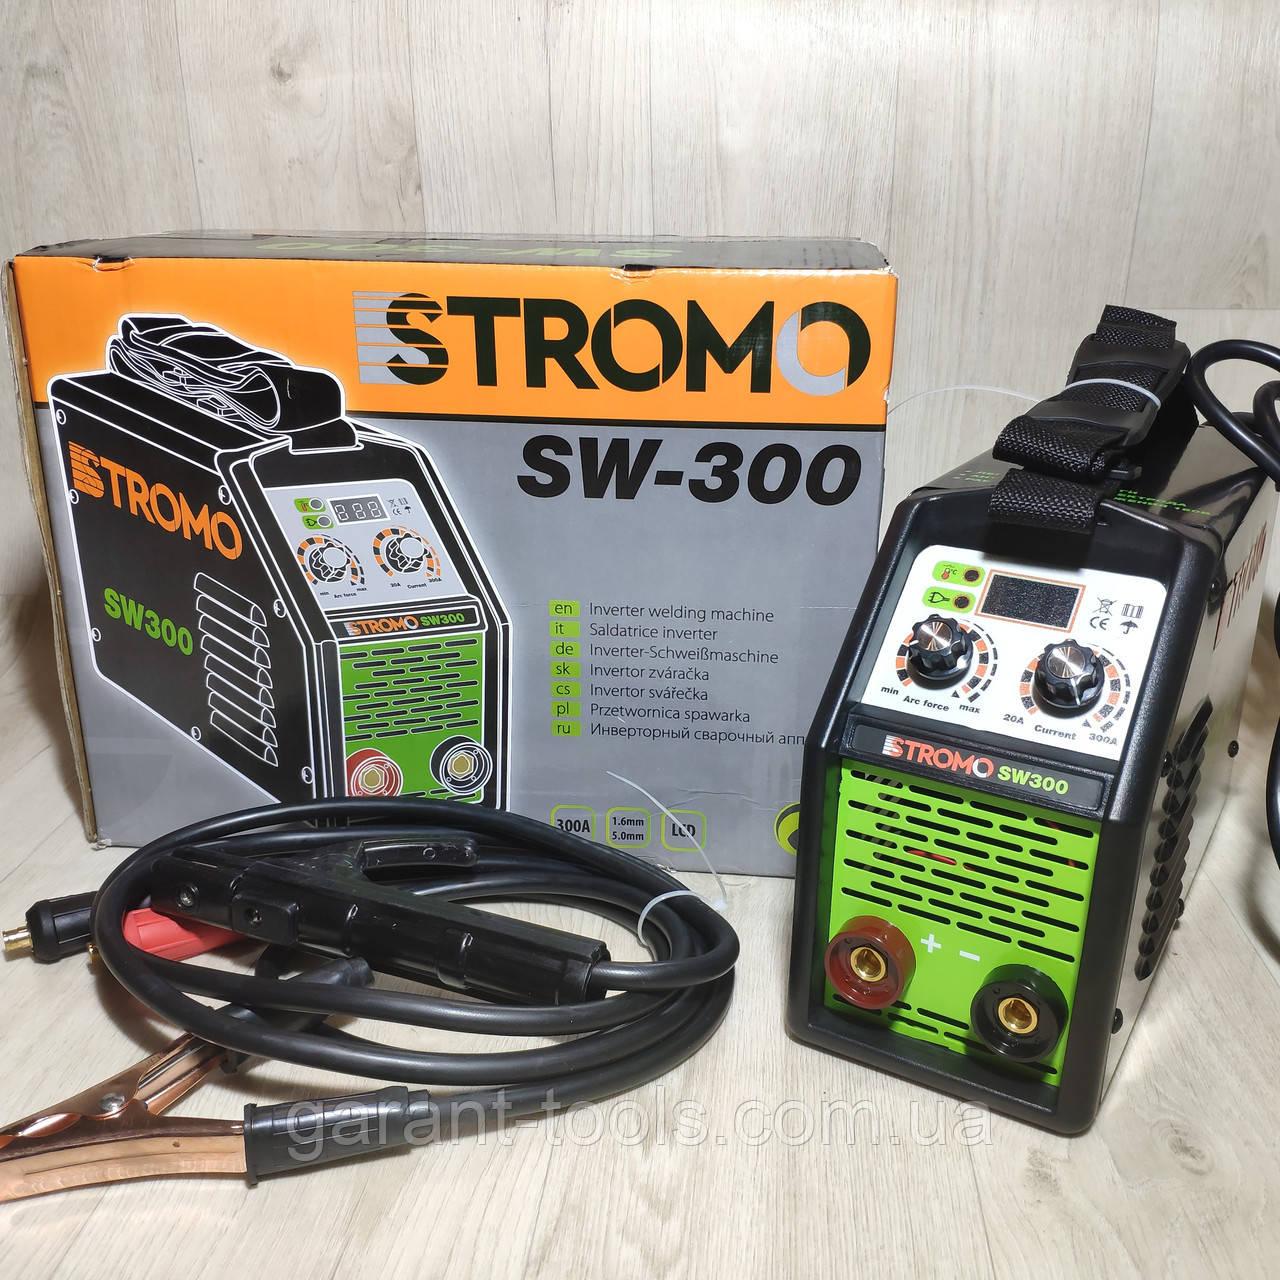 Форсаж дуги! Зварювальний апарат Stromo SW 300 А